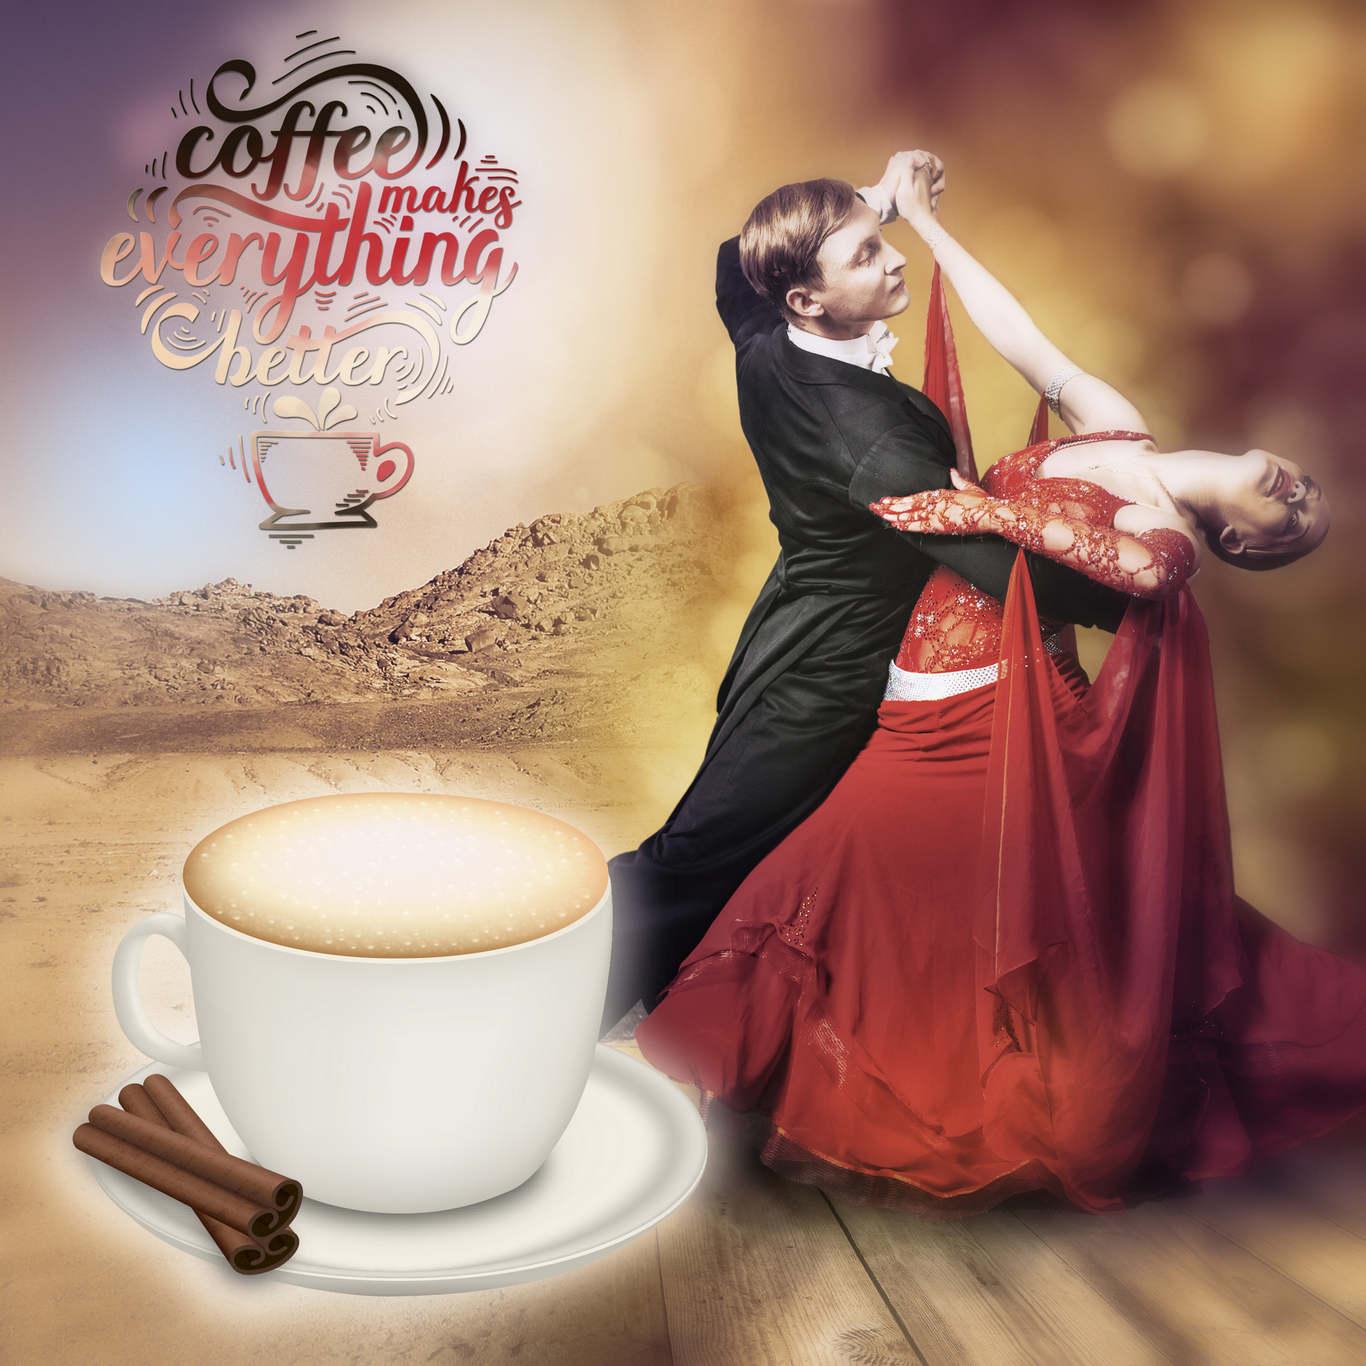 Artwork - kawa czyni wszystko lepszym